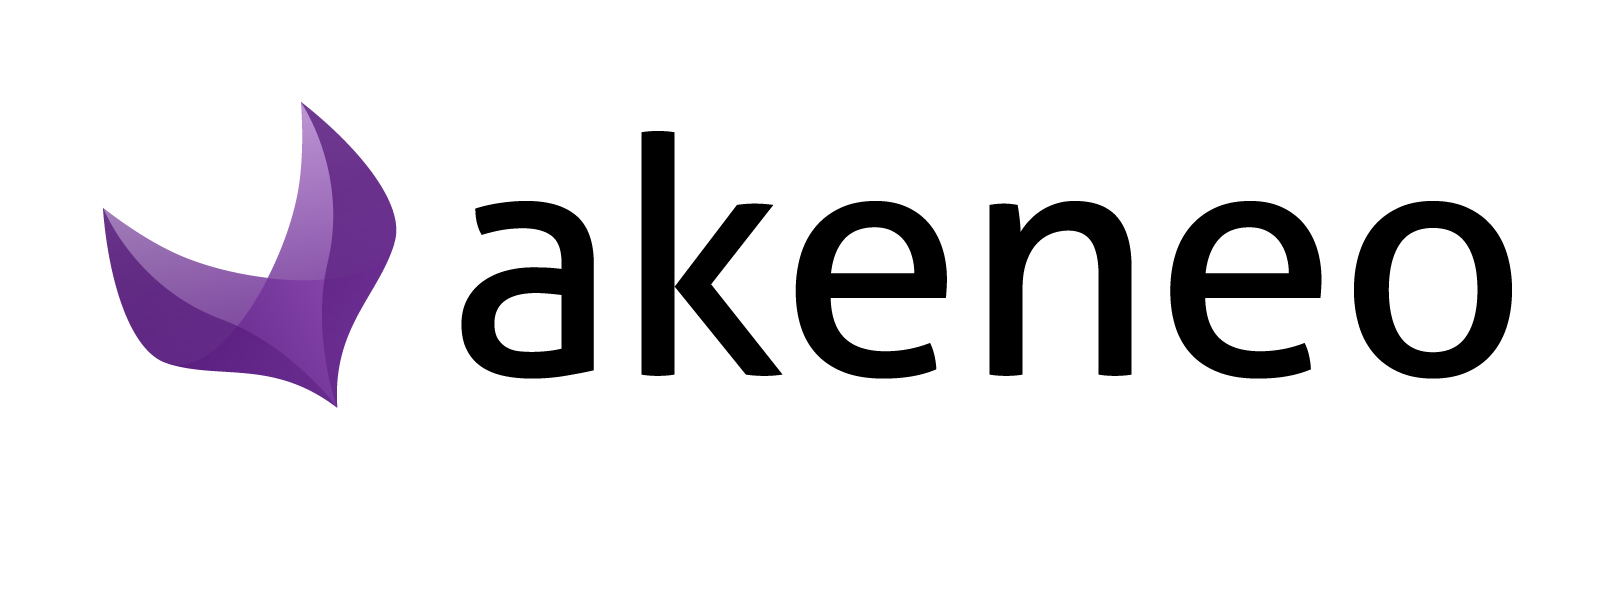 akeneo-logo